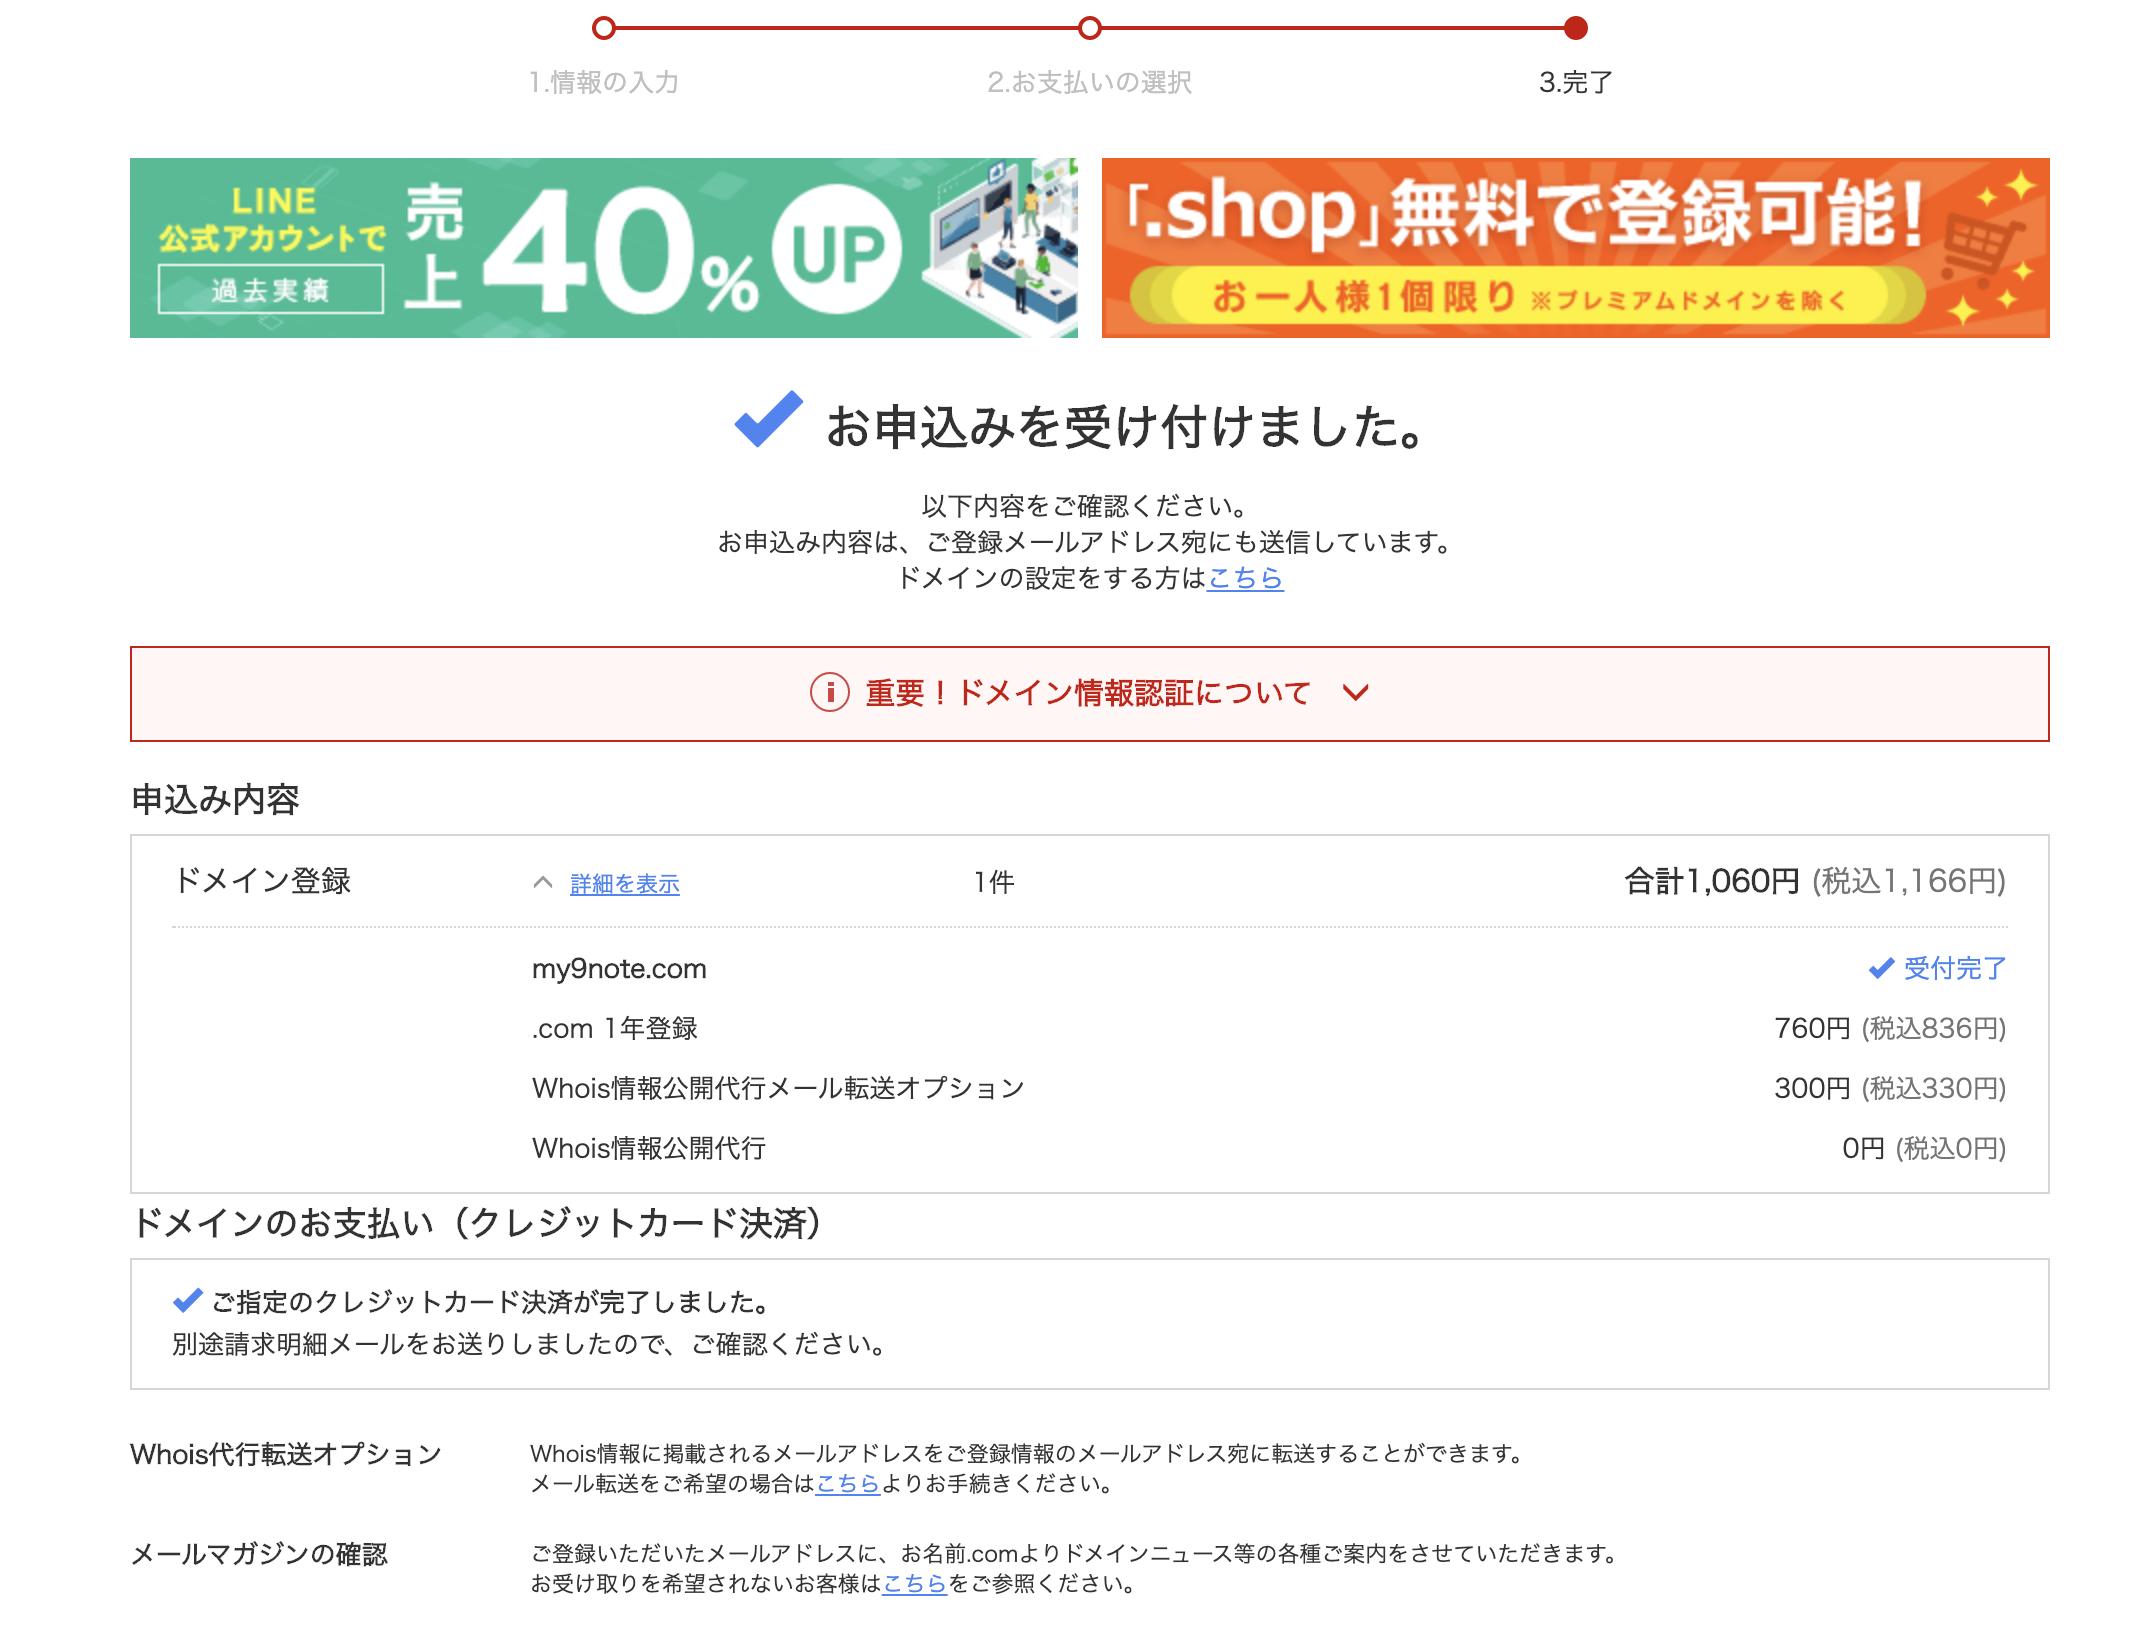 スクリーンショット 2020-05-06 20.42.37